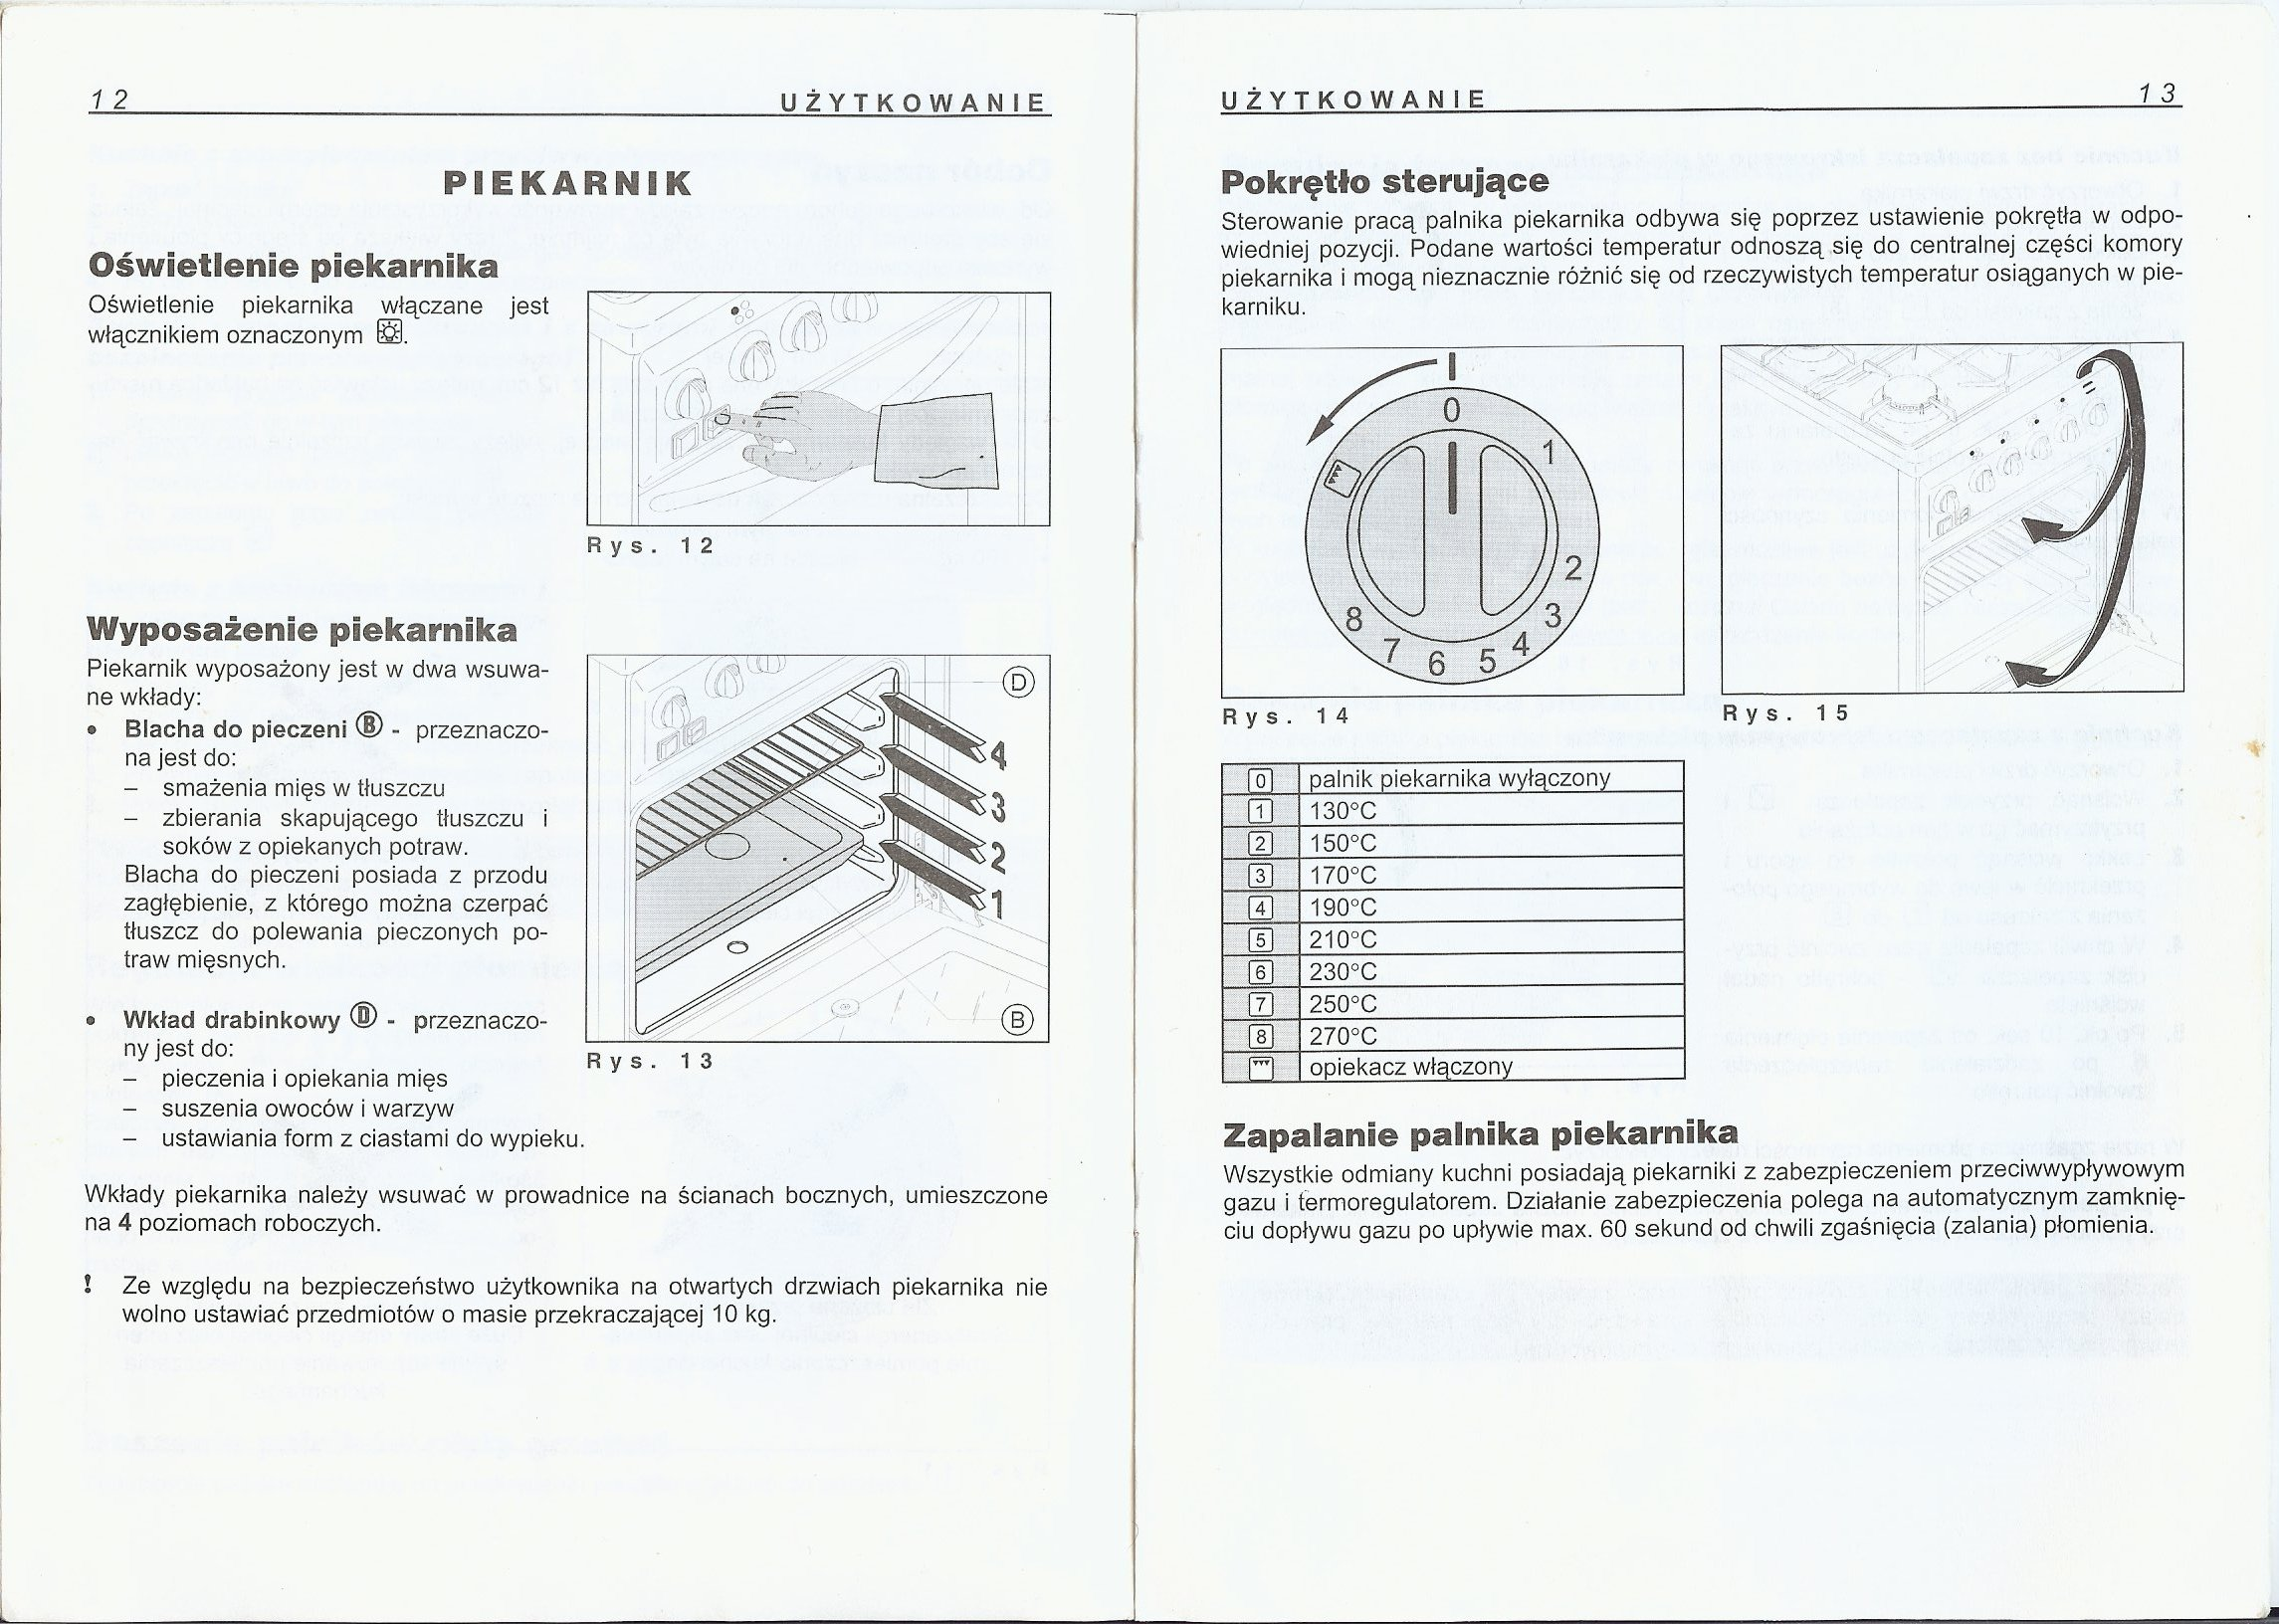 Kuchenka Gazowa Amica Temperatura Zk27 Getclopa